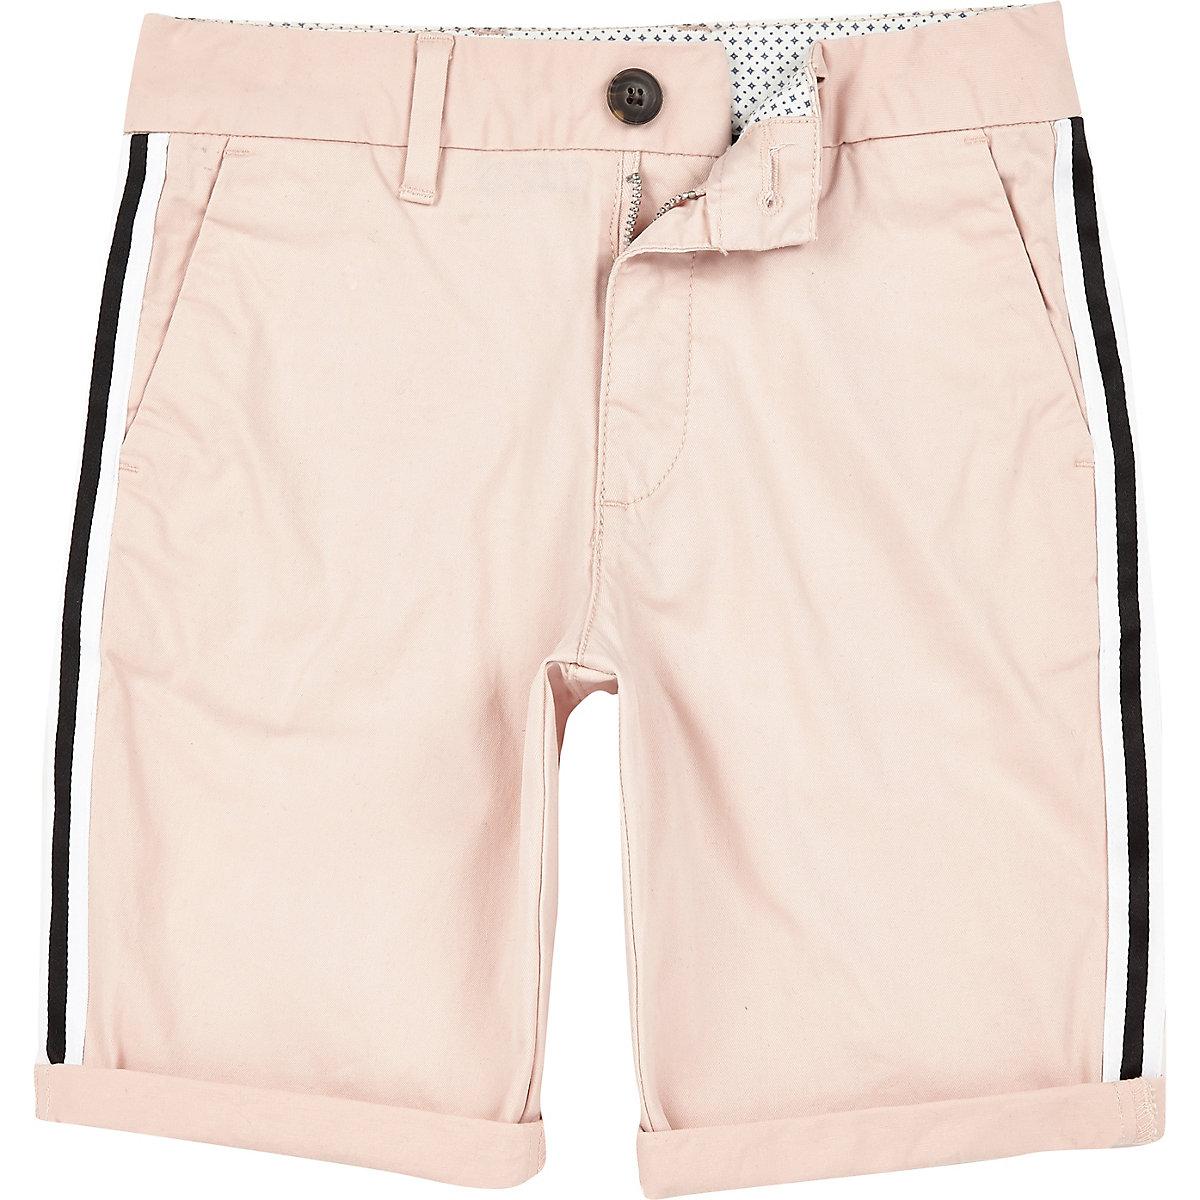 Dylan – Pinke Chino-Shorts